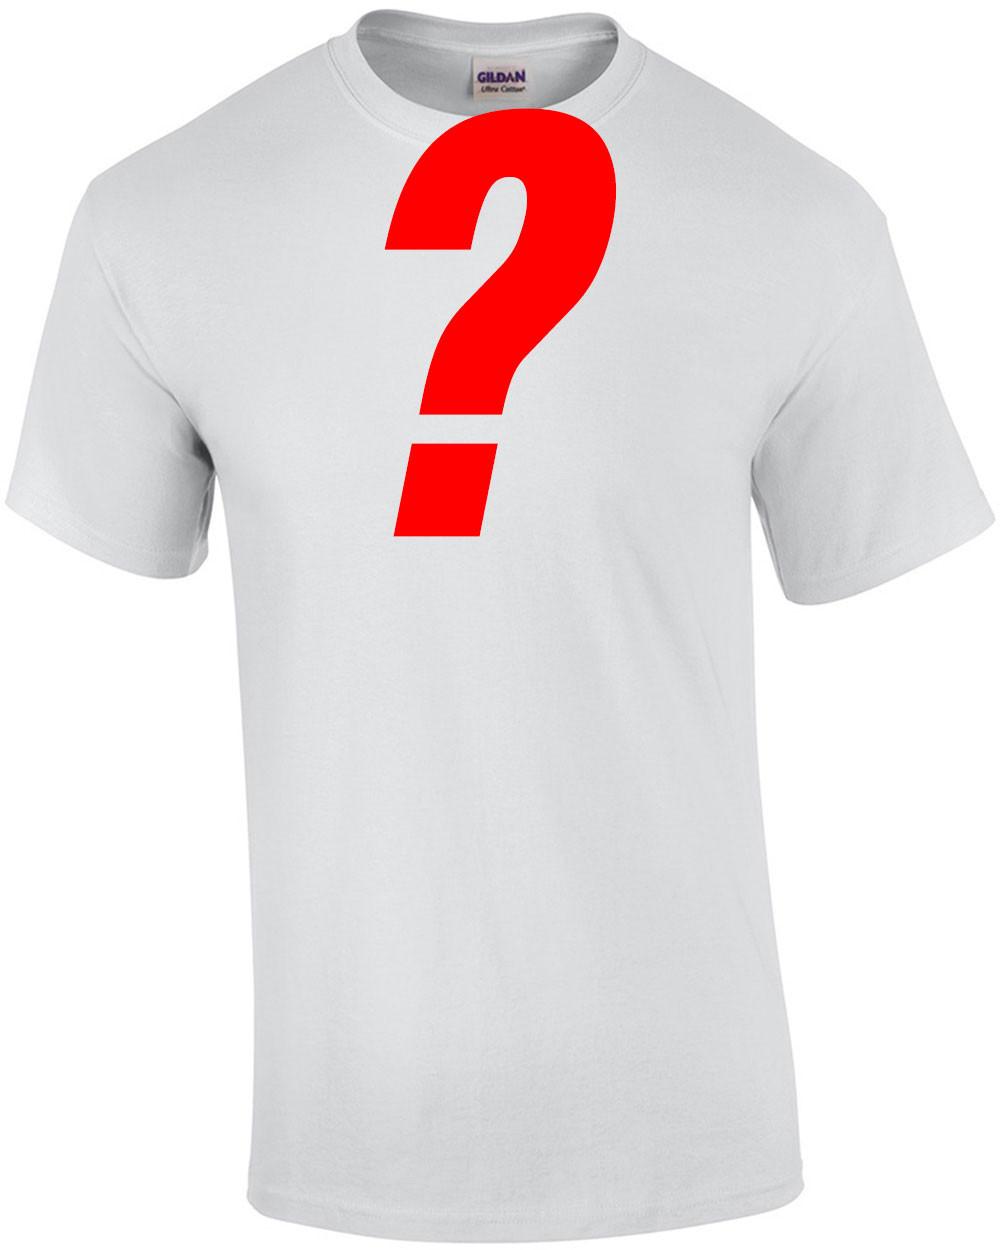 Mystery Shirt $4.99 T-Shirt